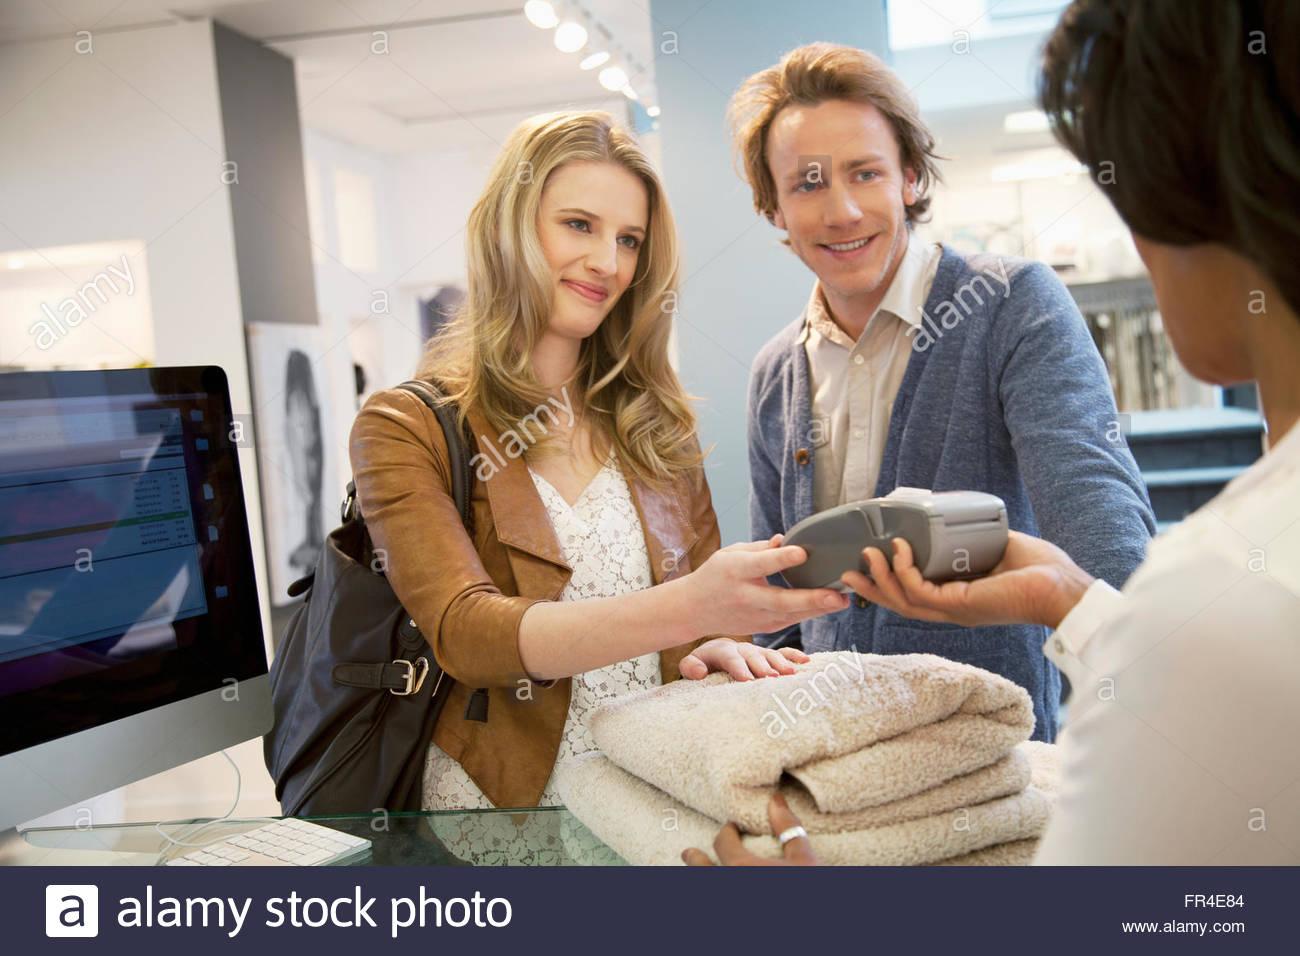 shopping for household goods - Stock Image